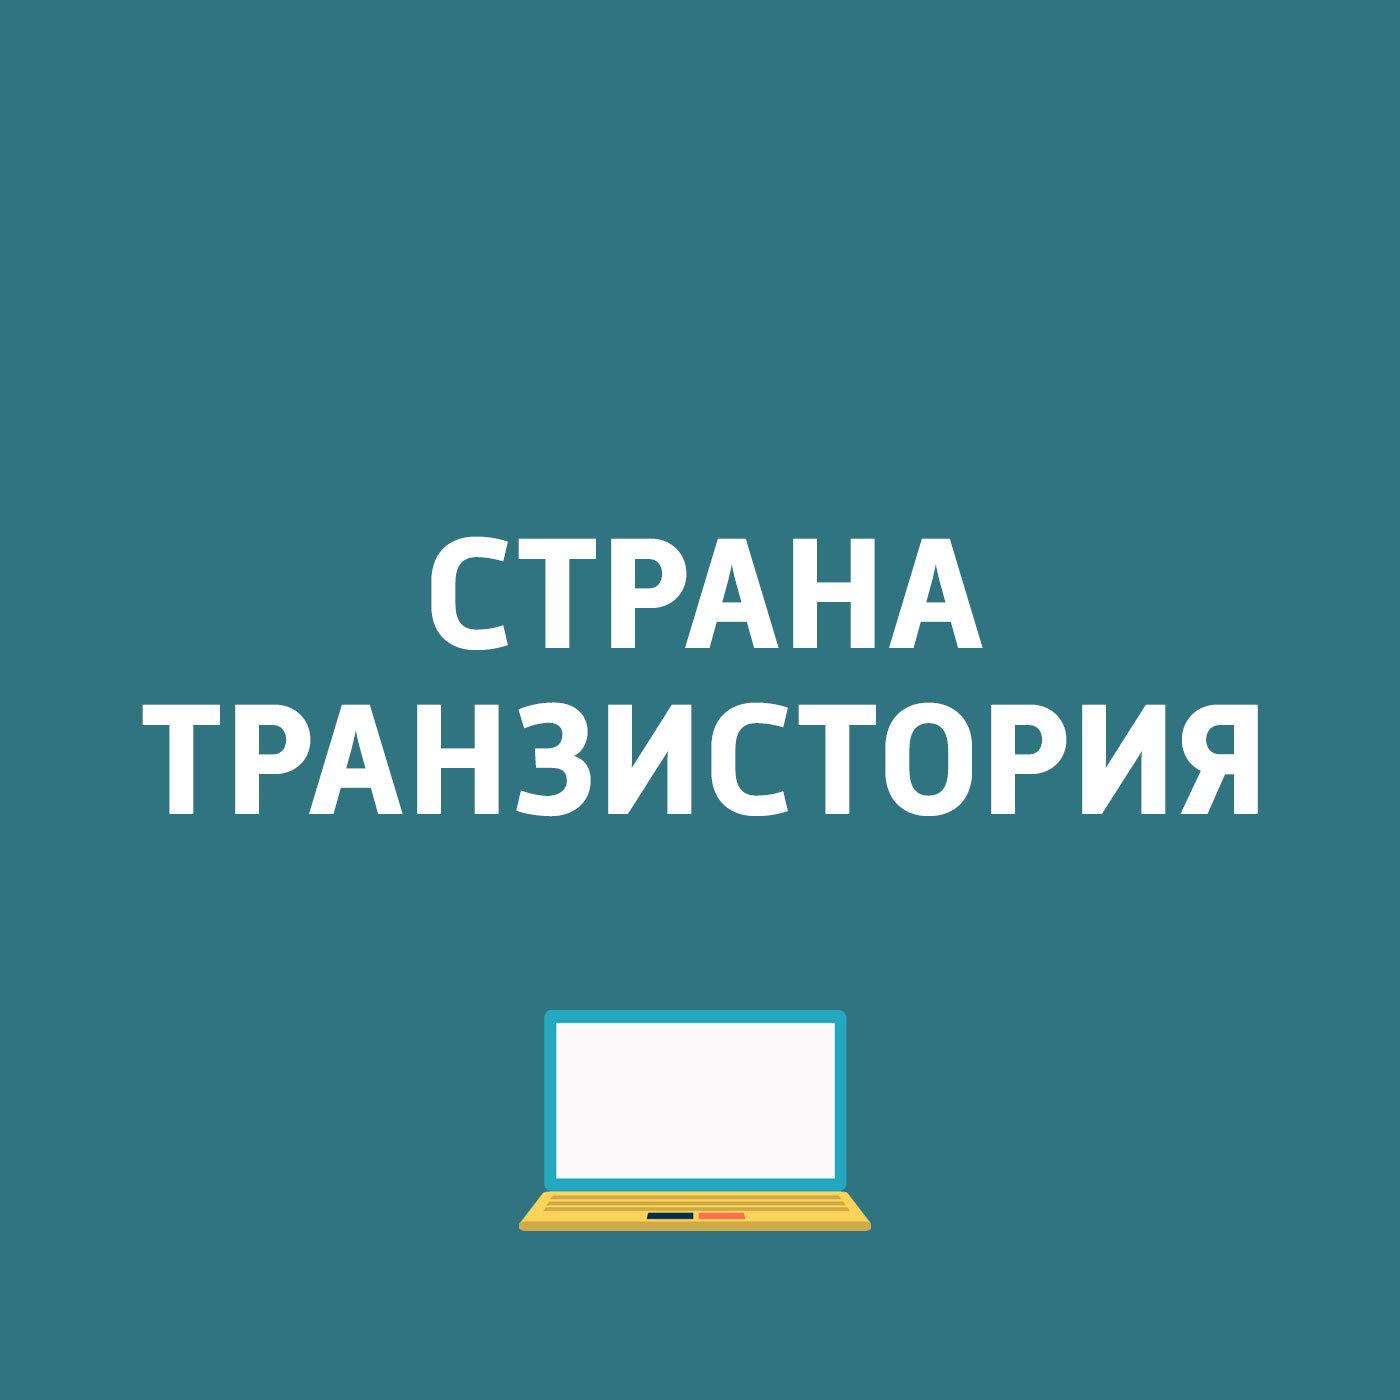 Картаев Павел О выставке IFA Berlin 2016 картаев павел о выставке игромир 2016